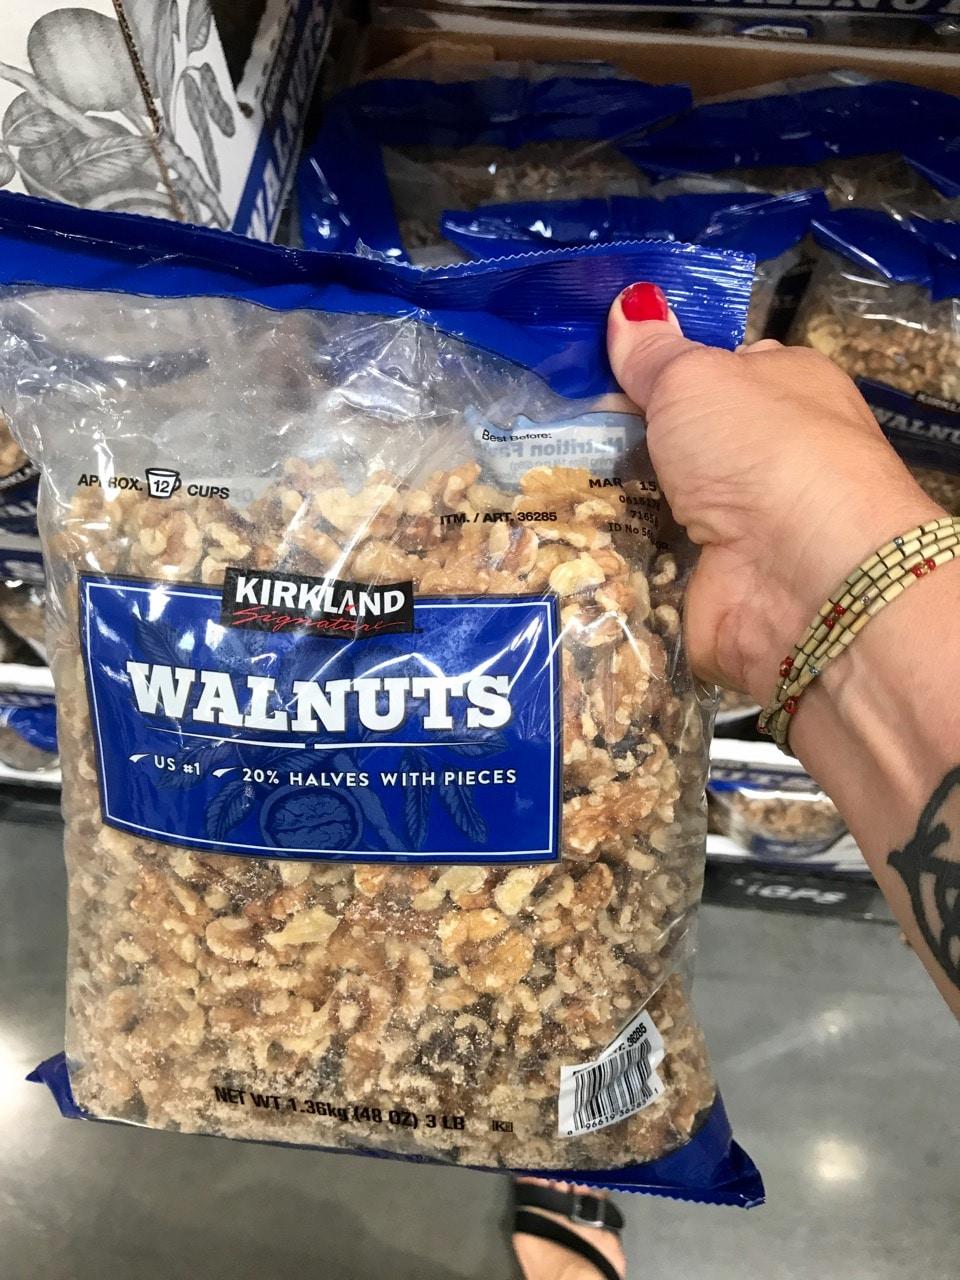 Kirkland Walnuts at Costco